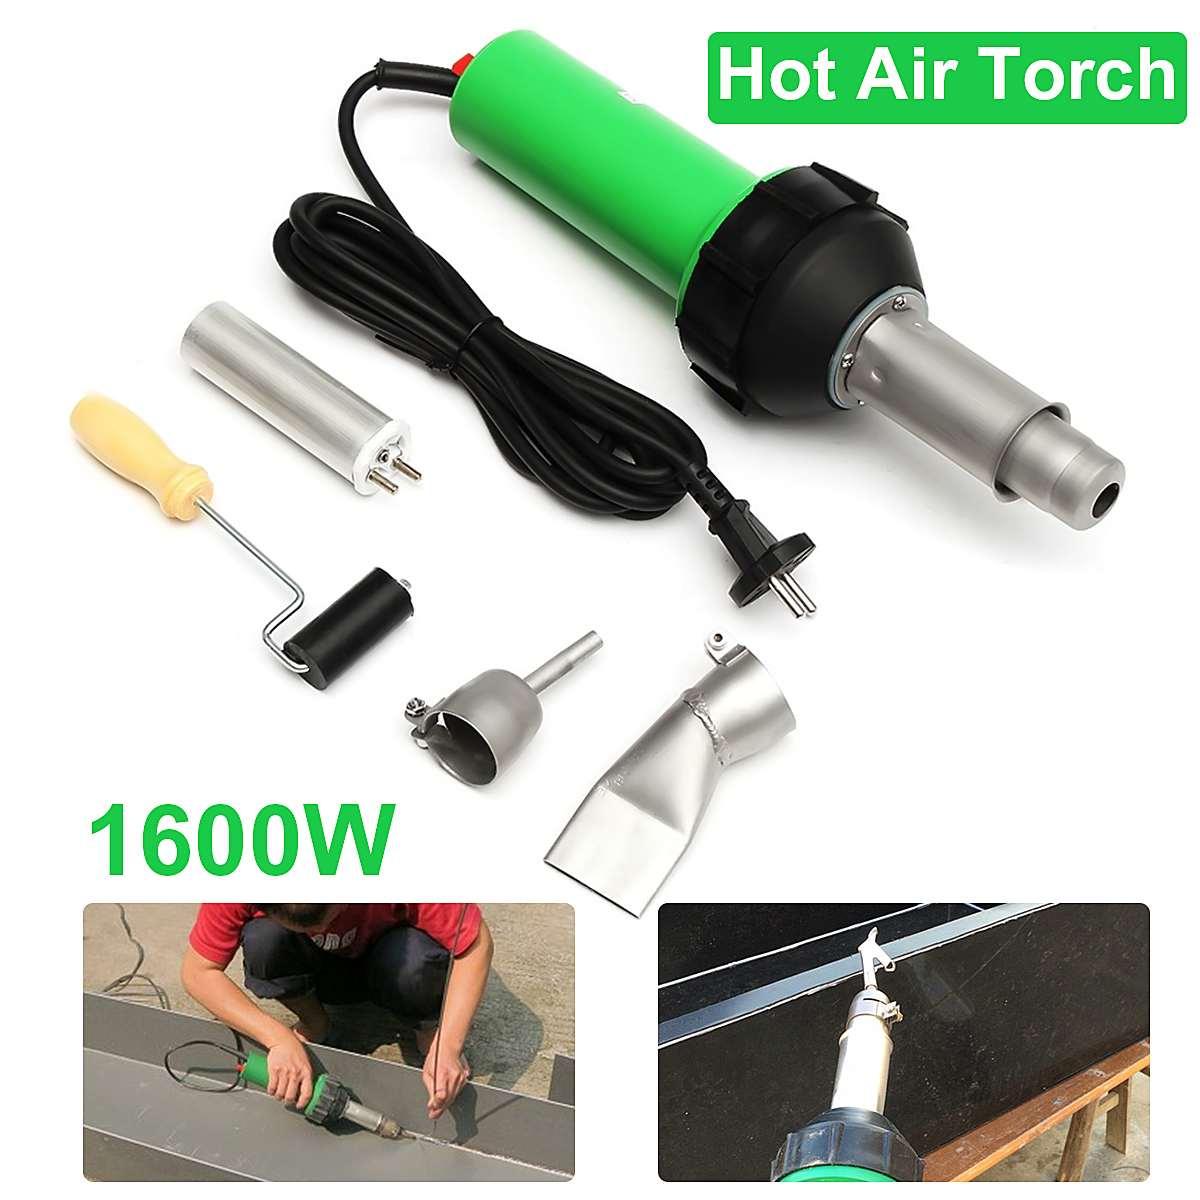 220 V 1600 W 50Hz torche à Air chaud électronique torche de soudage en plastique + buse + rouleau de pression 3000 Pa